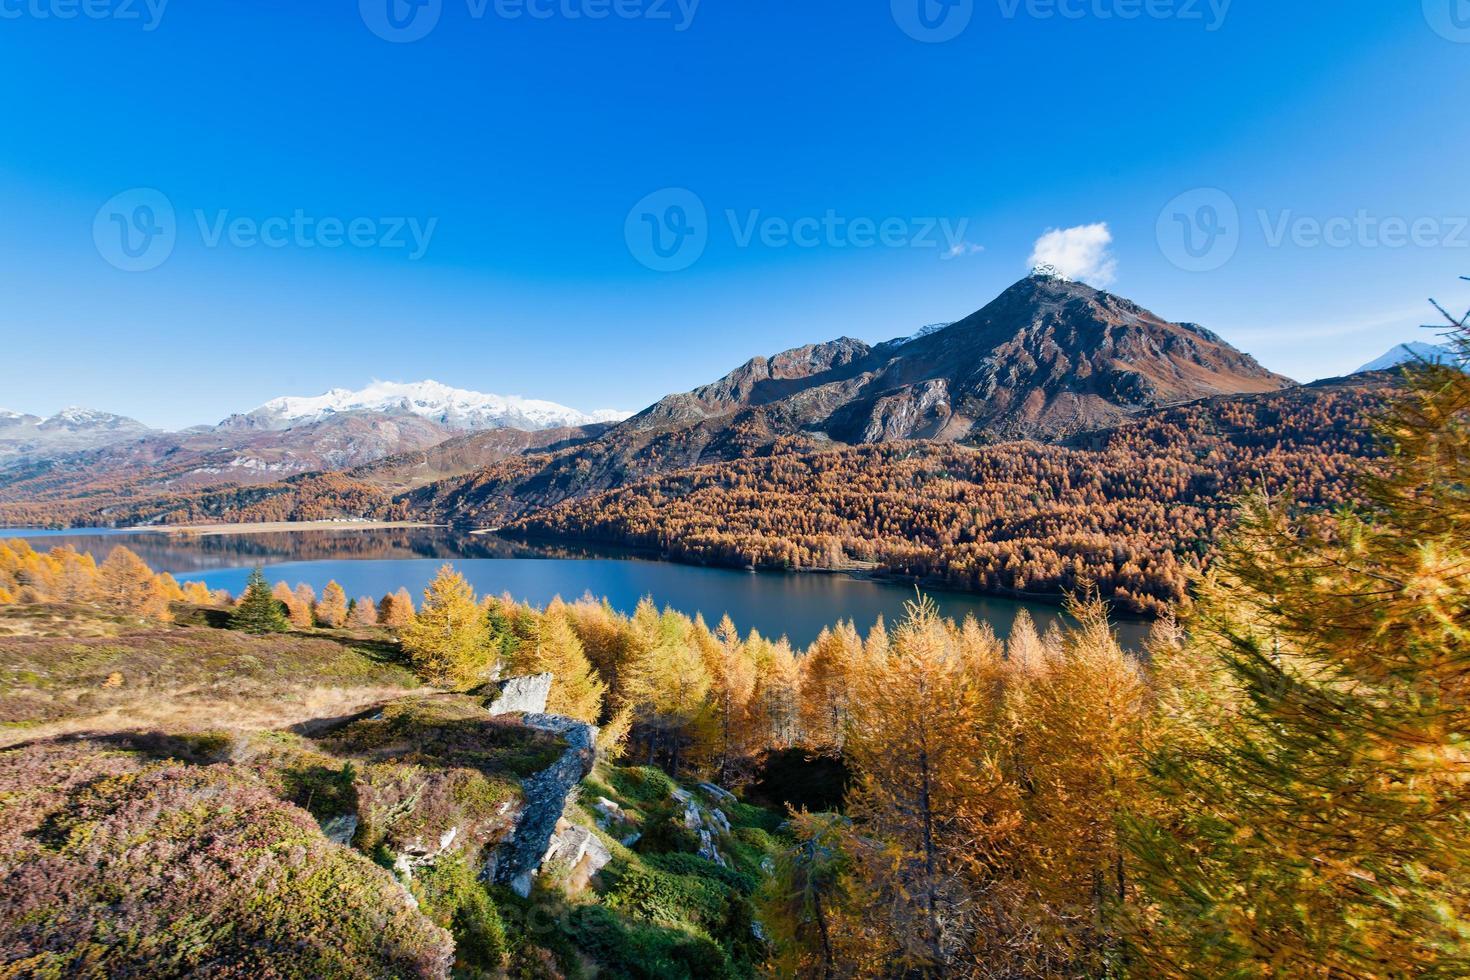 typische herbstlandschaft des engadin auf den schweizer alpen foto